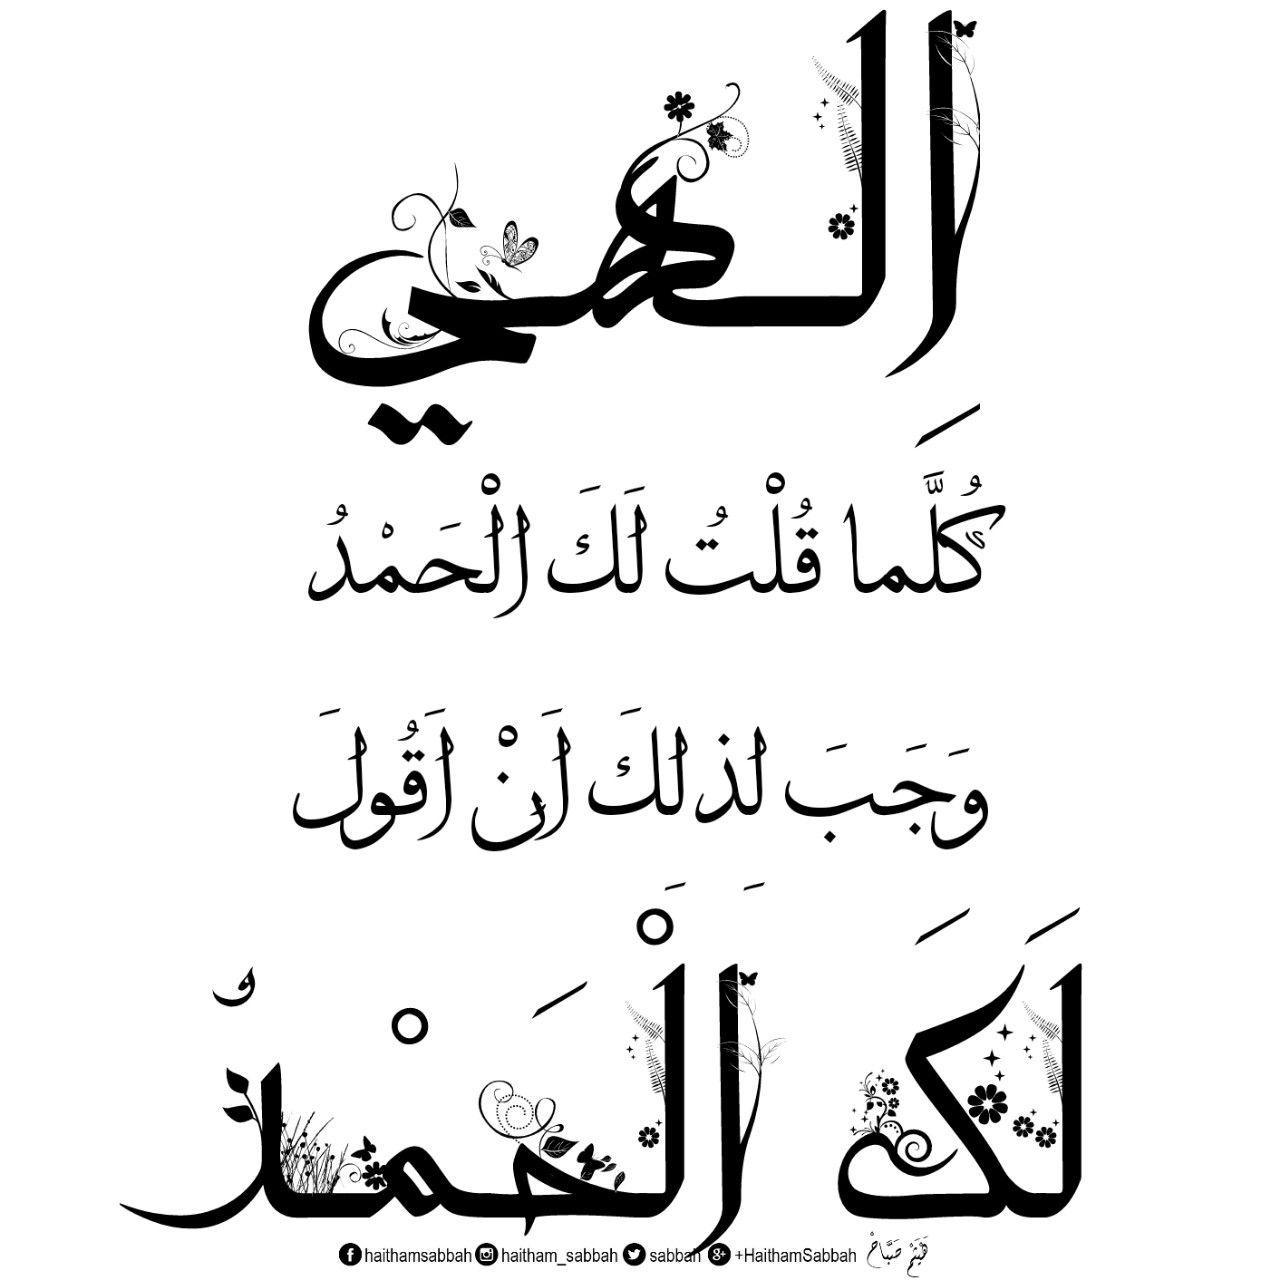 الهي كلما قلت لك الحمد وجب لذلك أن أقول لك الحمد Arabic Calligraphy Calligraphy